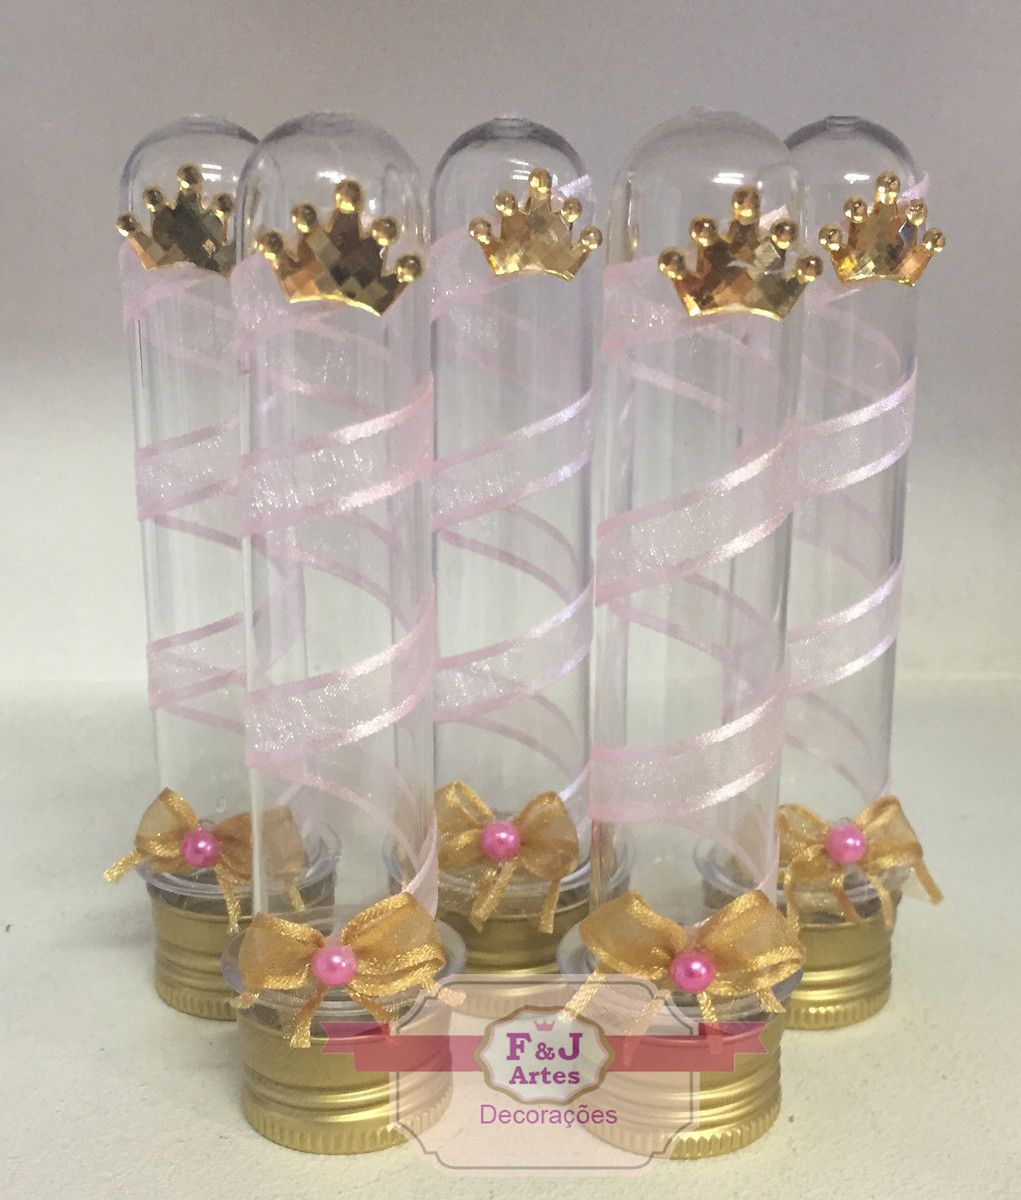 Kit com 10 Tubetes Acrílico Princesa realeza